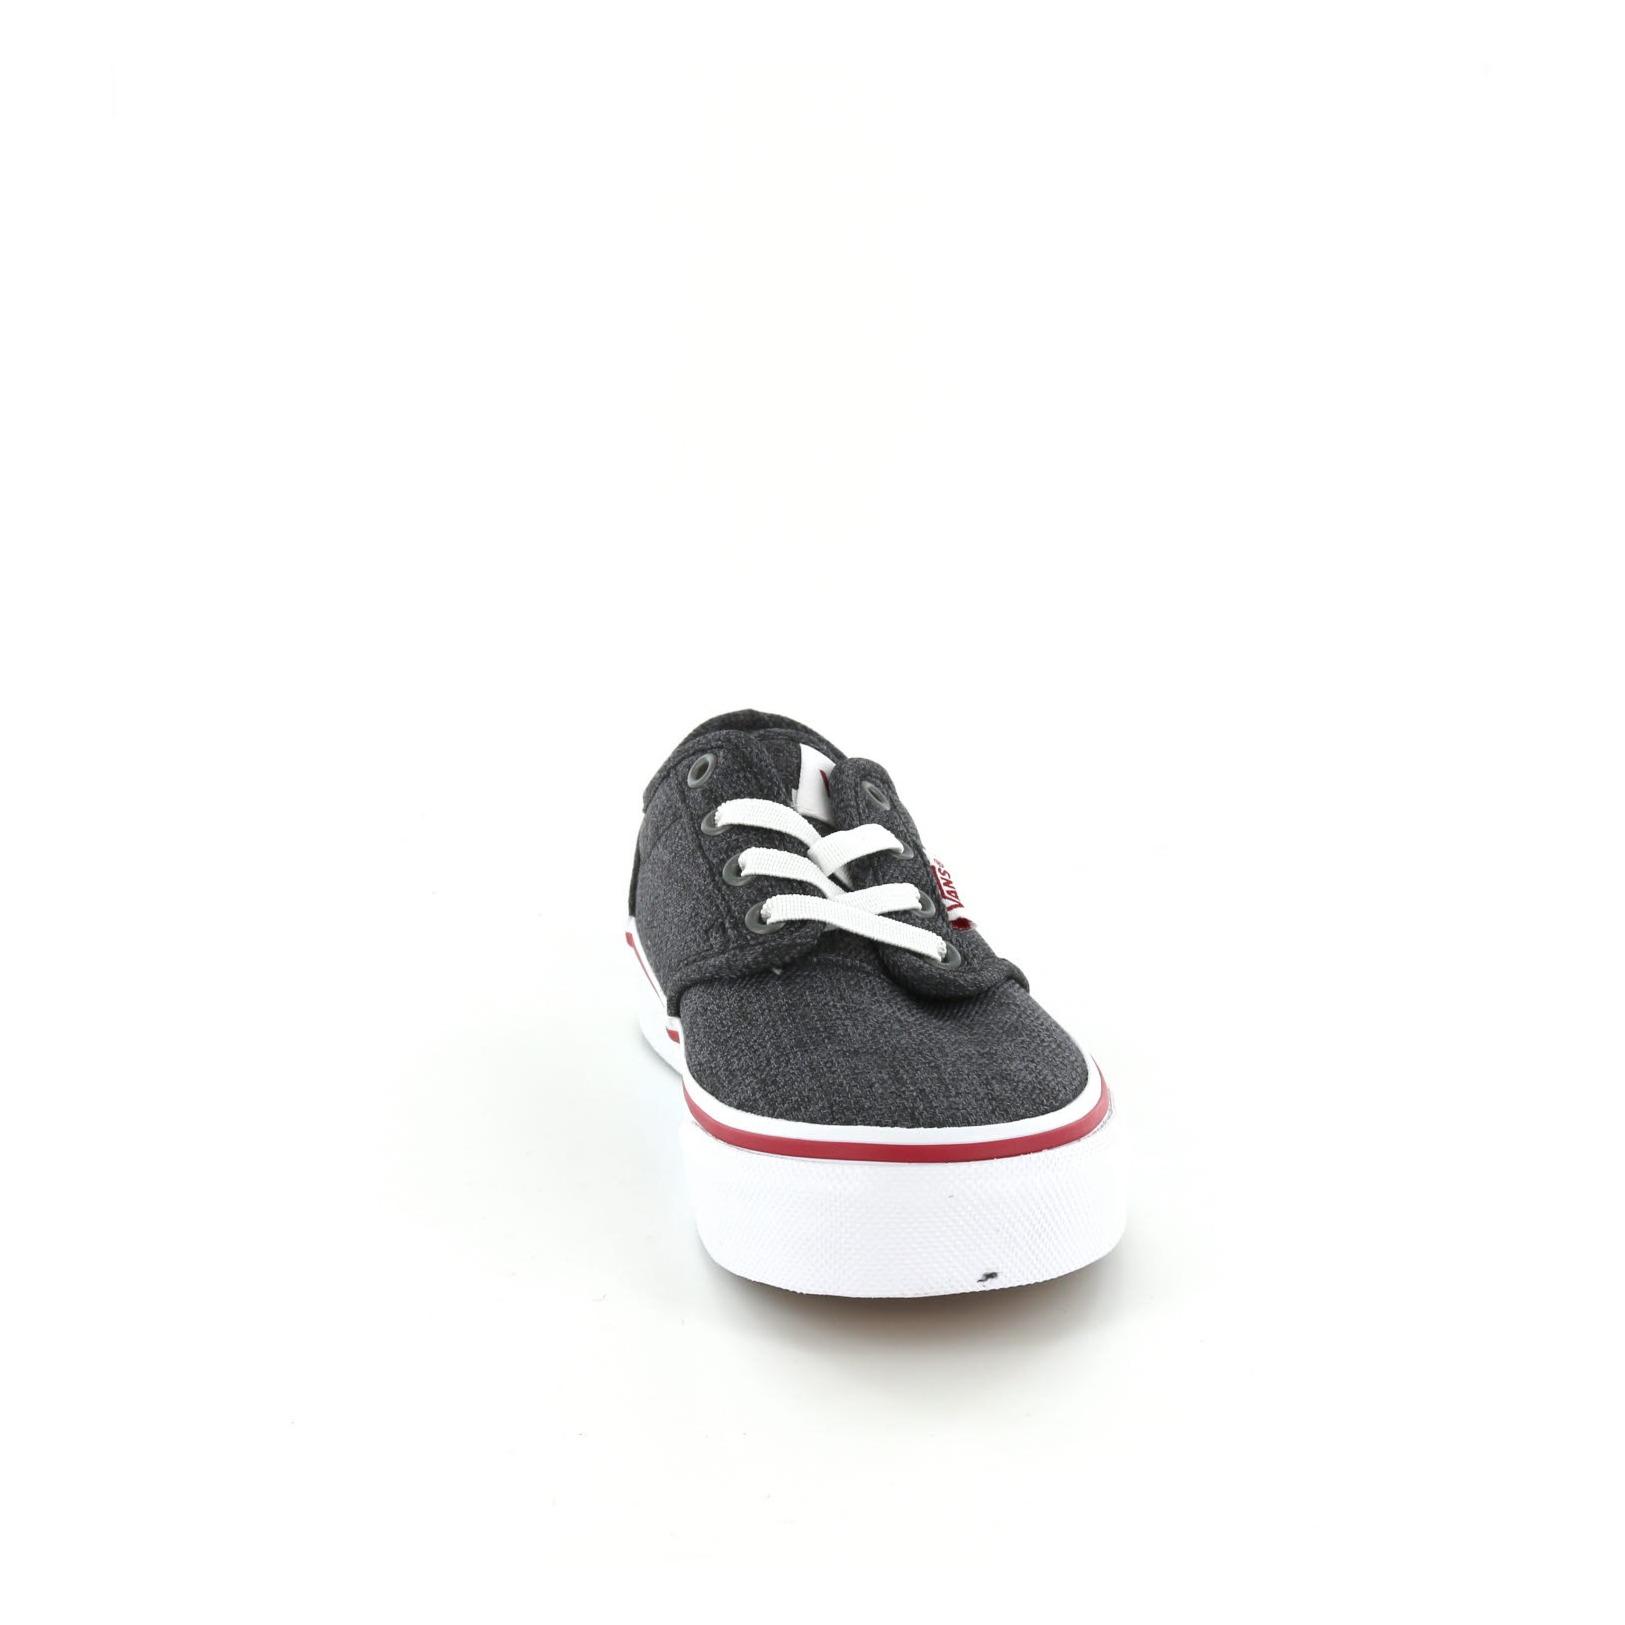 vans schoenen knokke